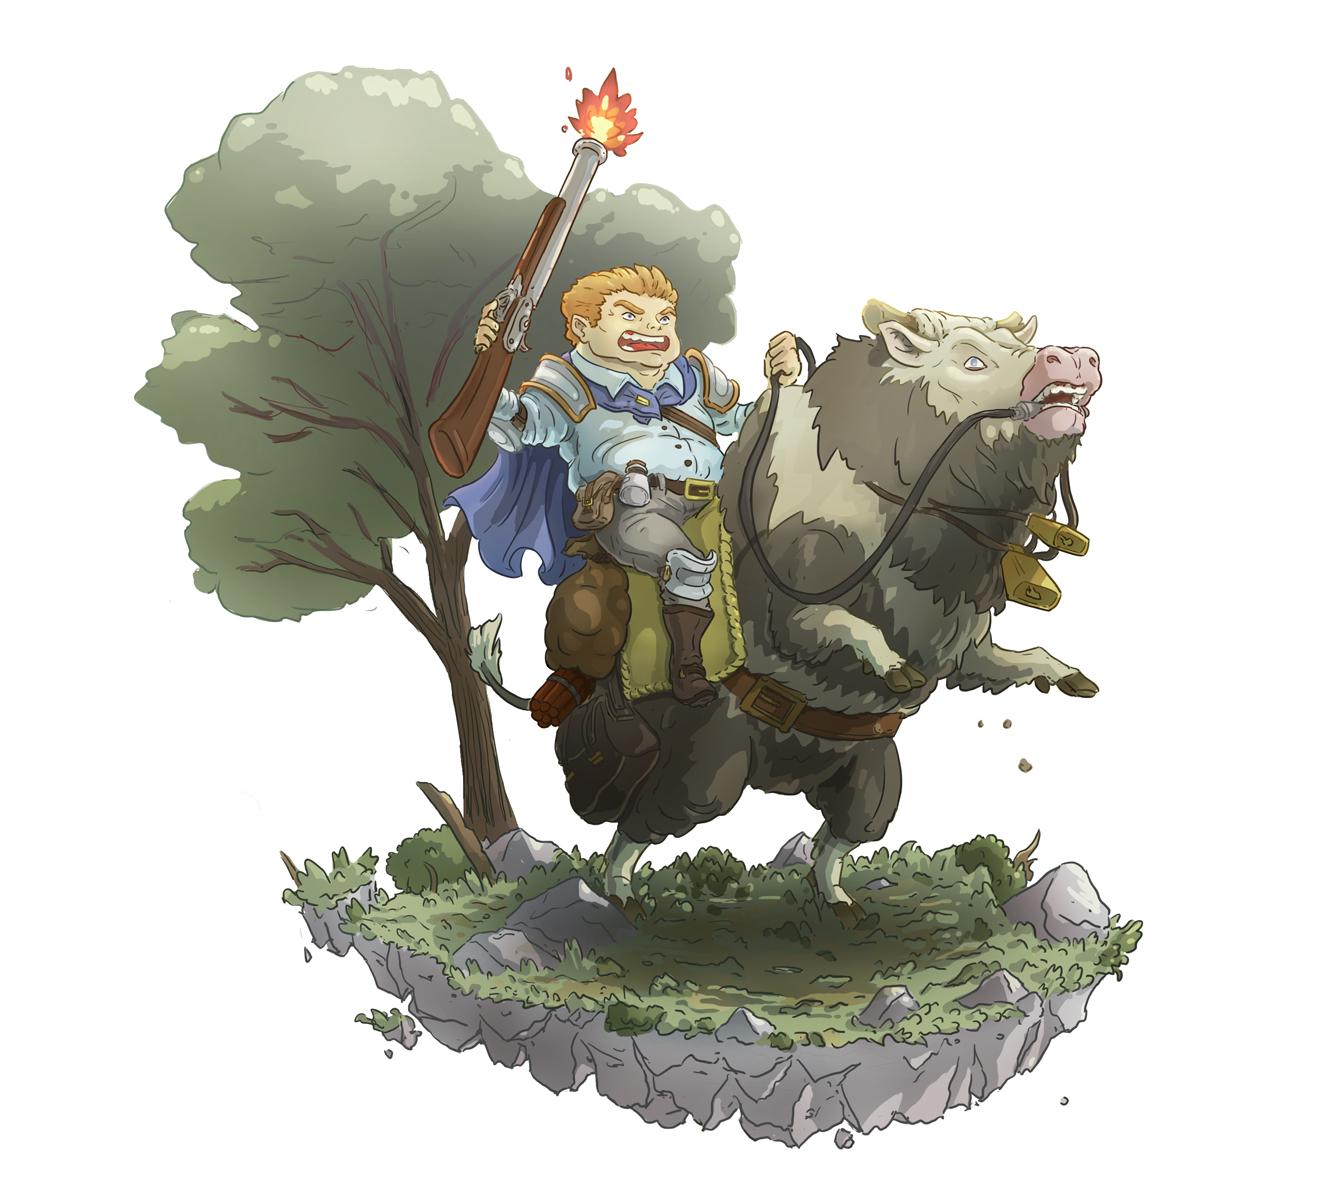 woodland warrior2 by Joudrey